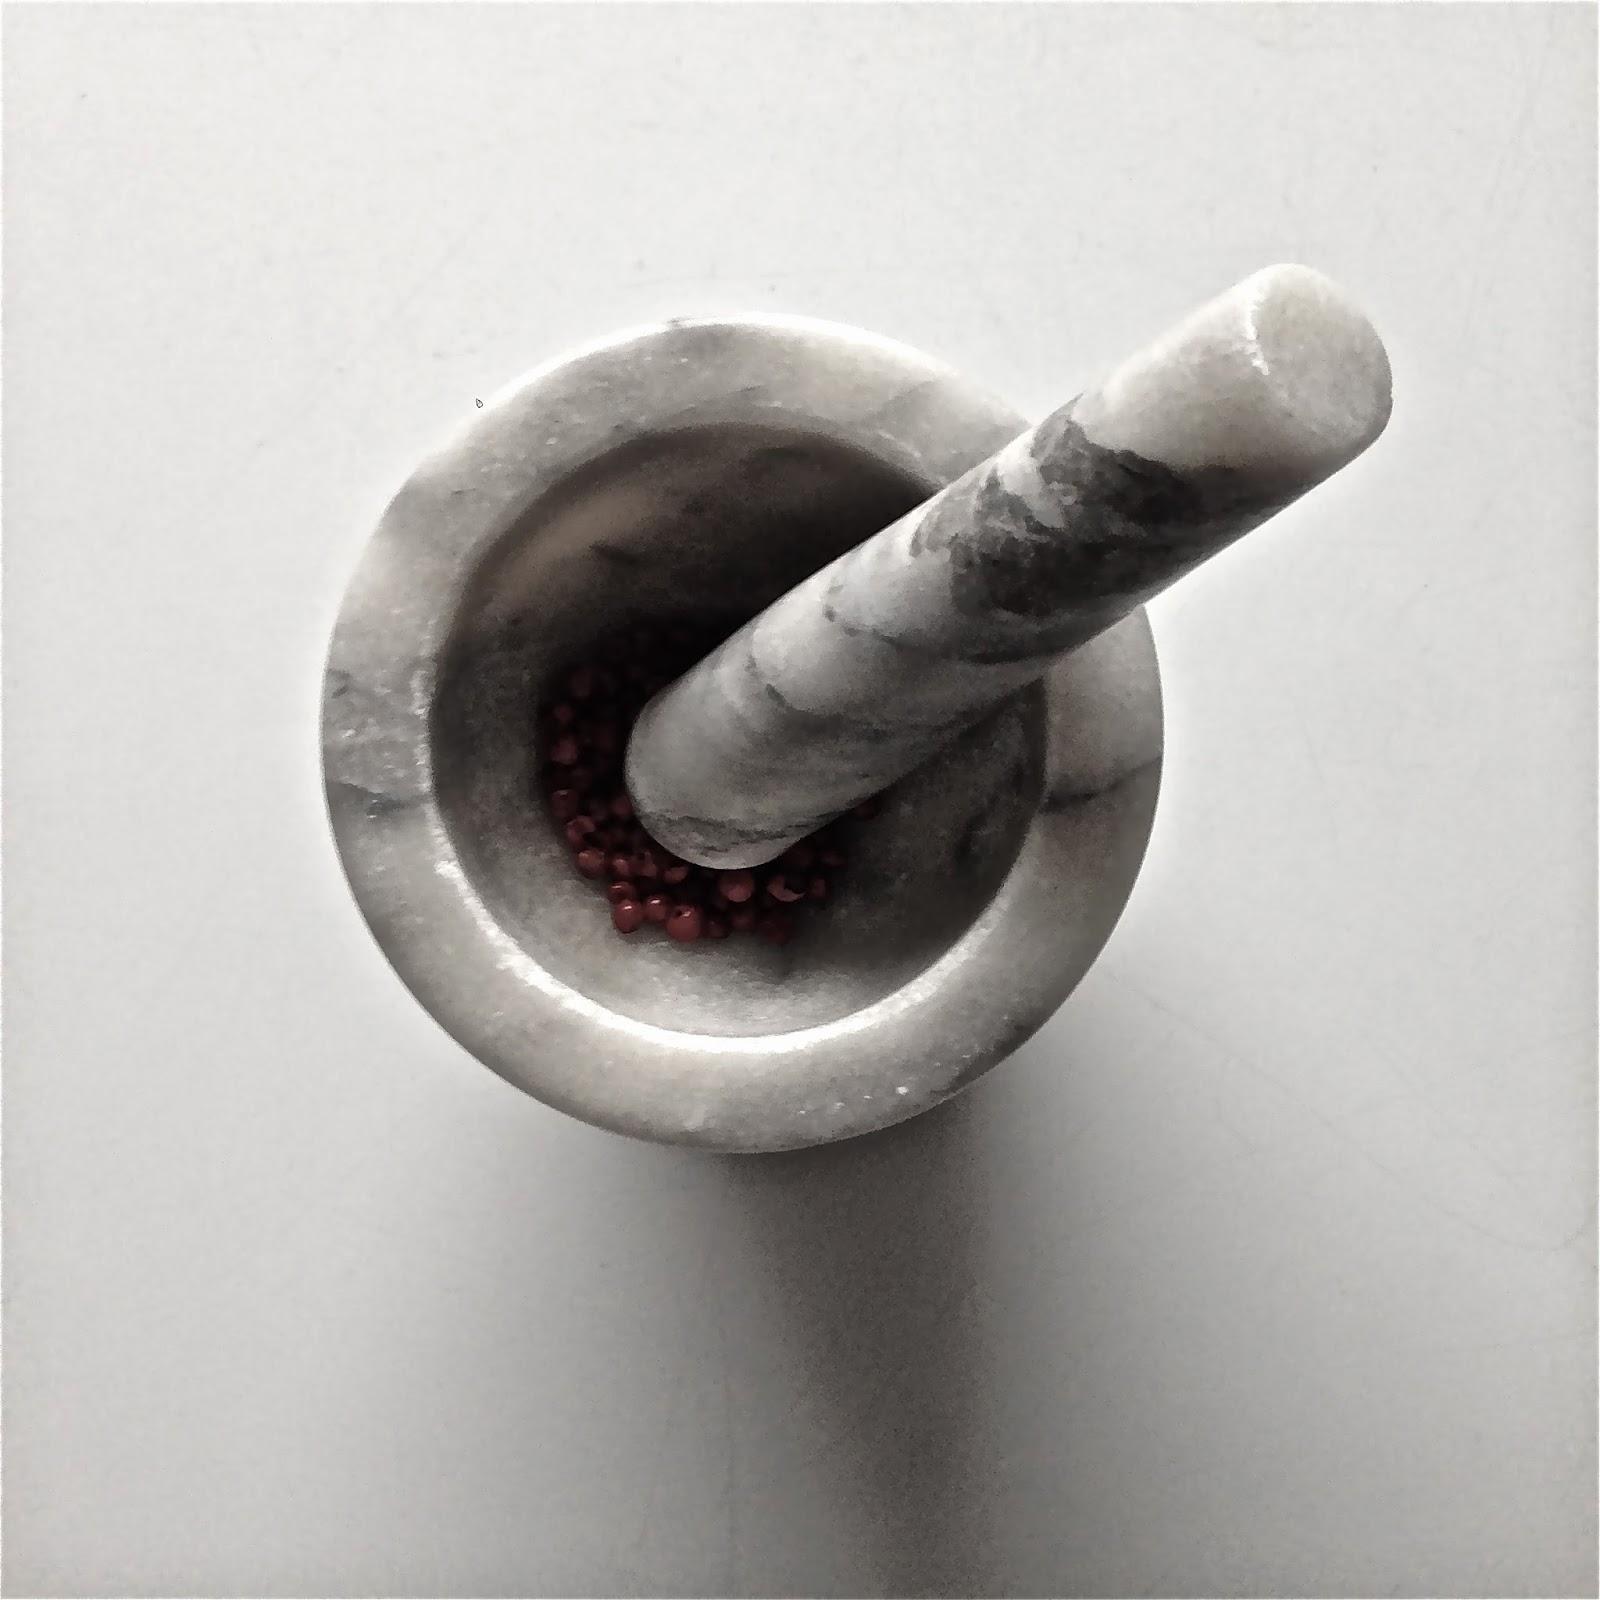 marble, mortel, mortteli, marmori, marmor